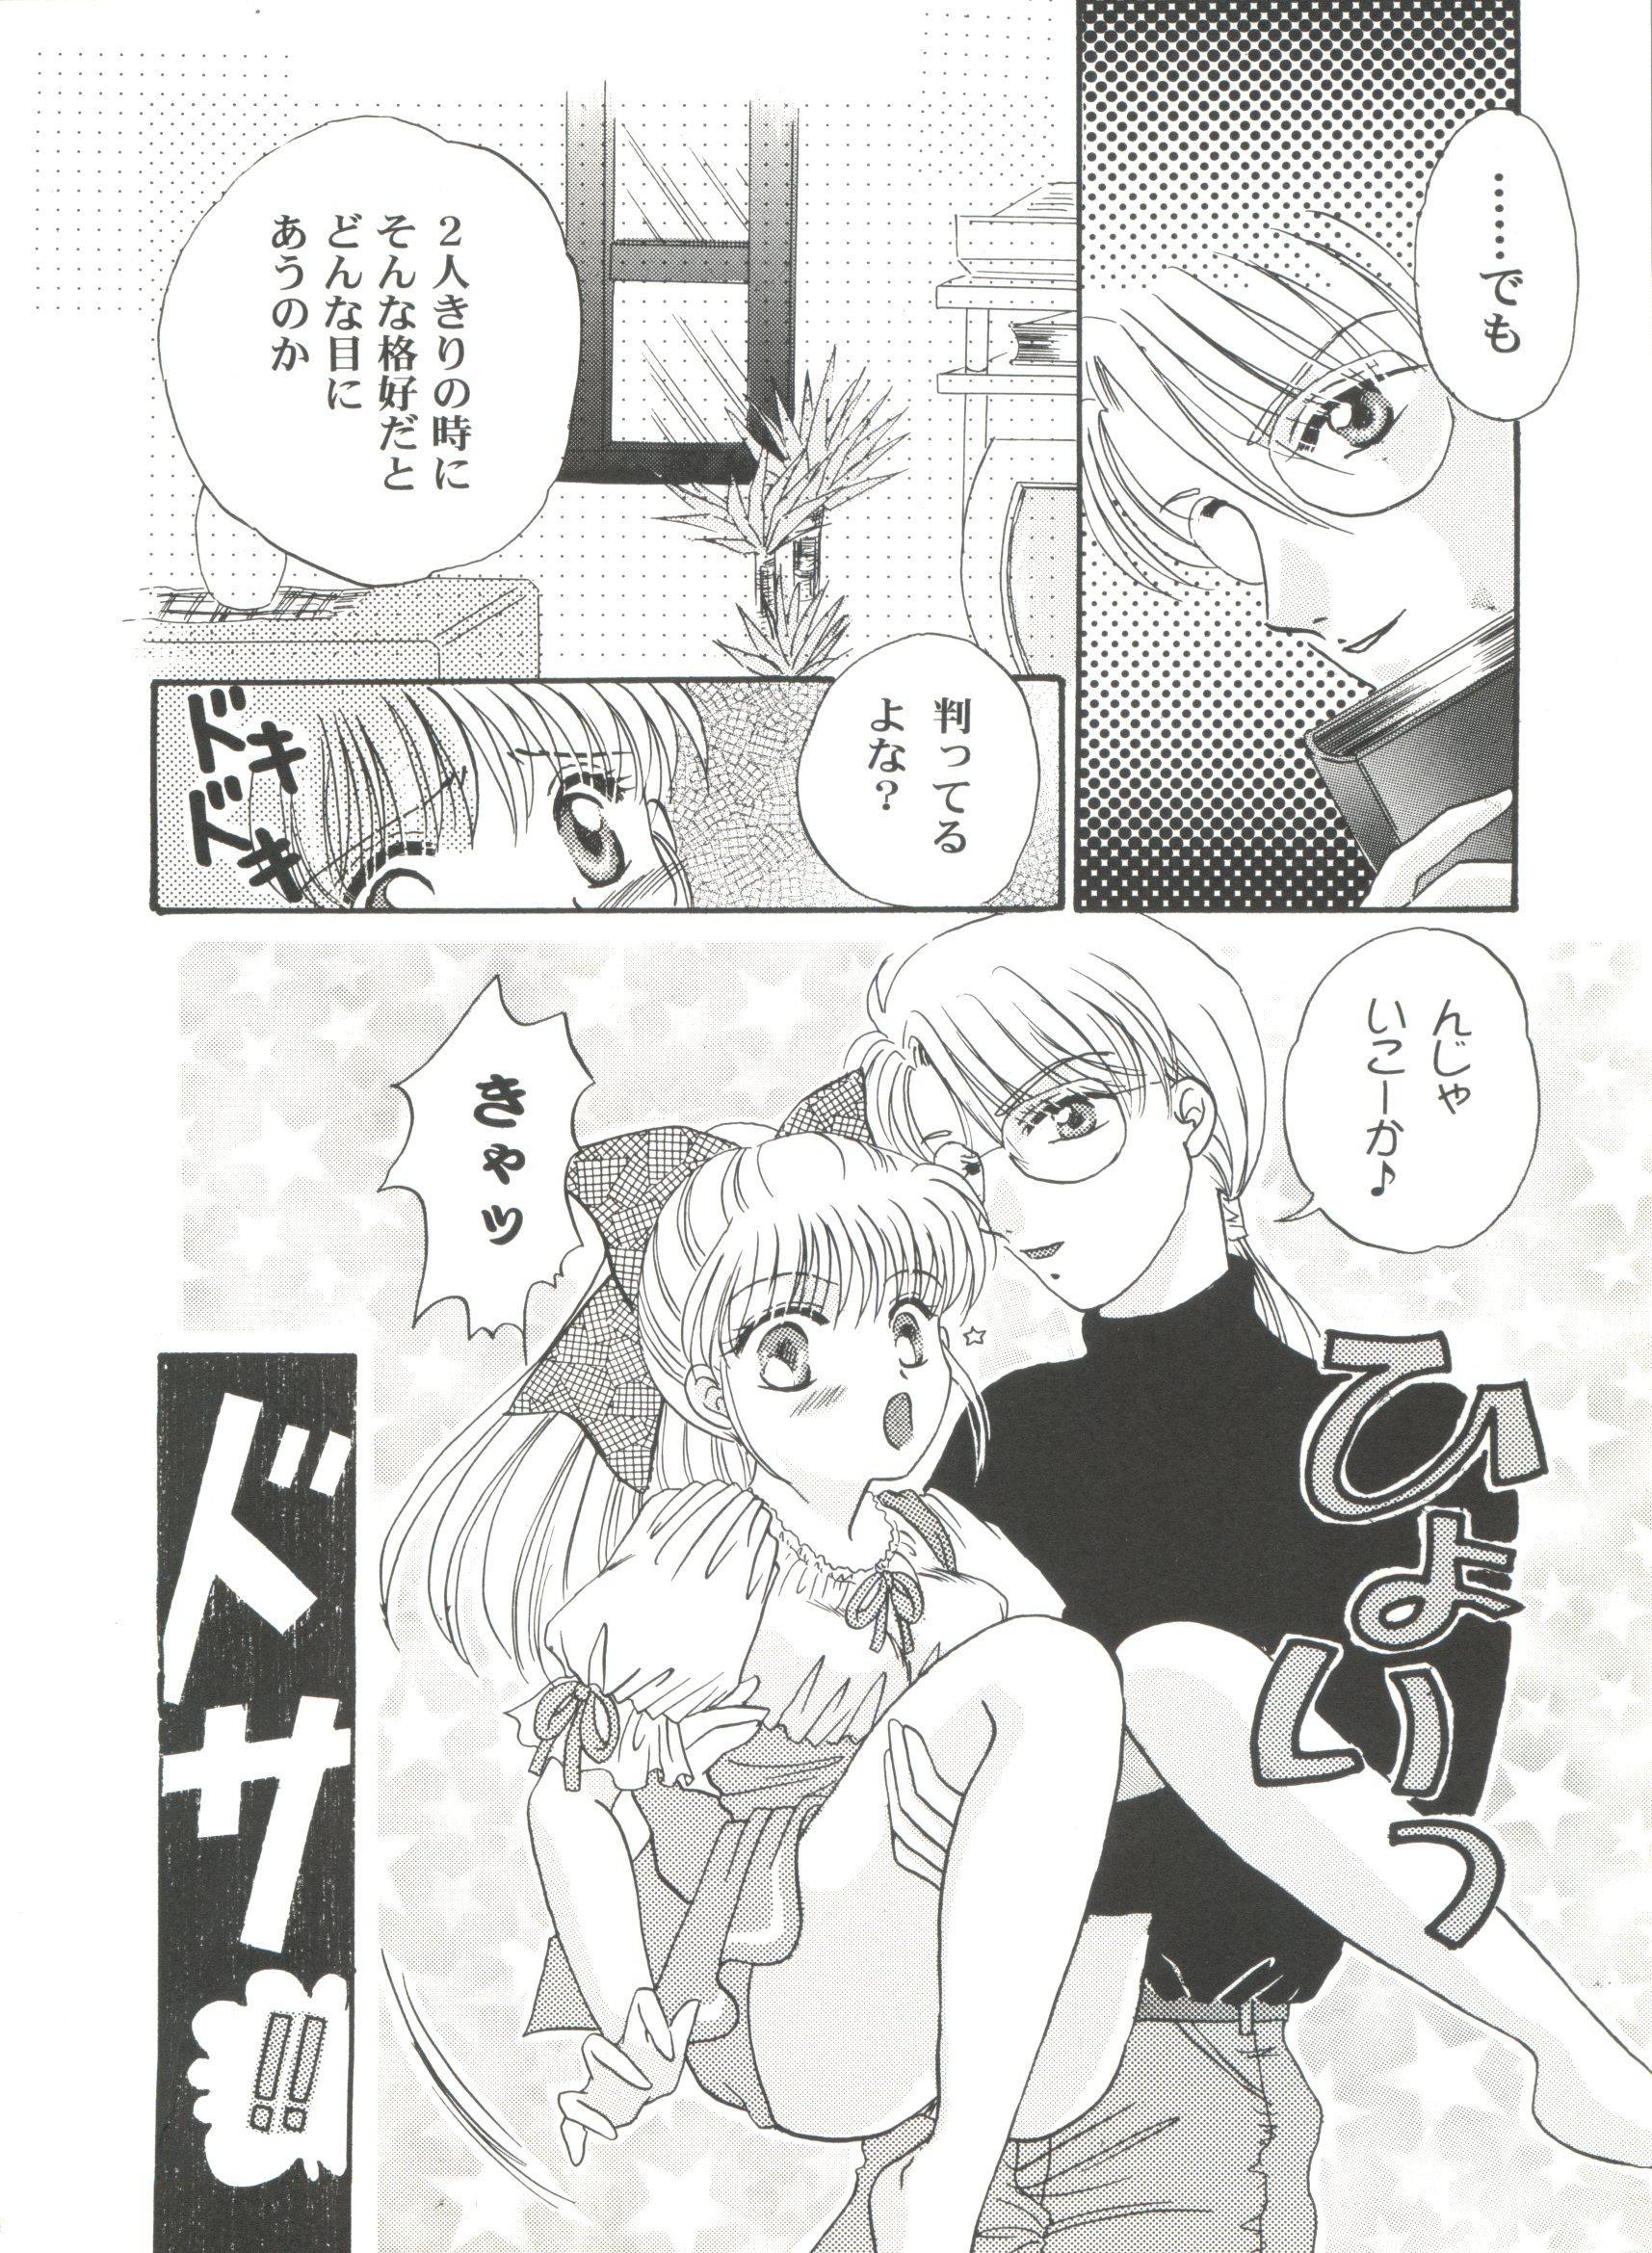 Bishoujo Doujinshi Anthology Cute 4 105